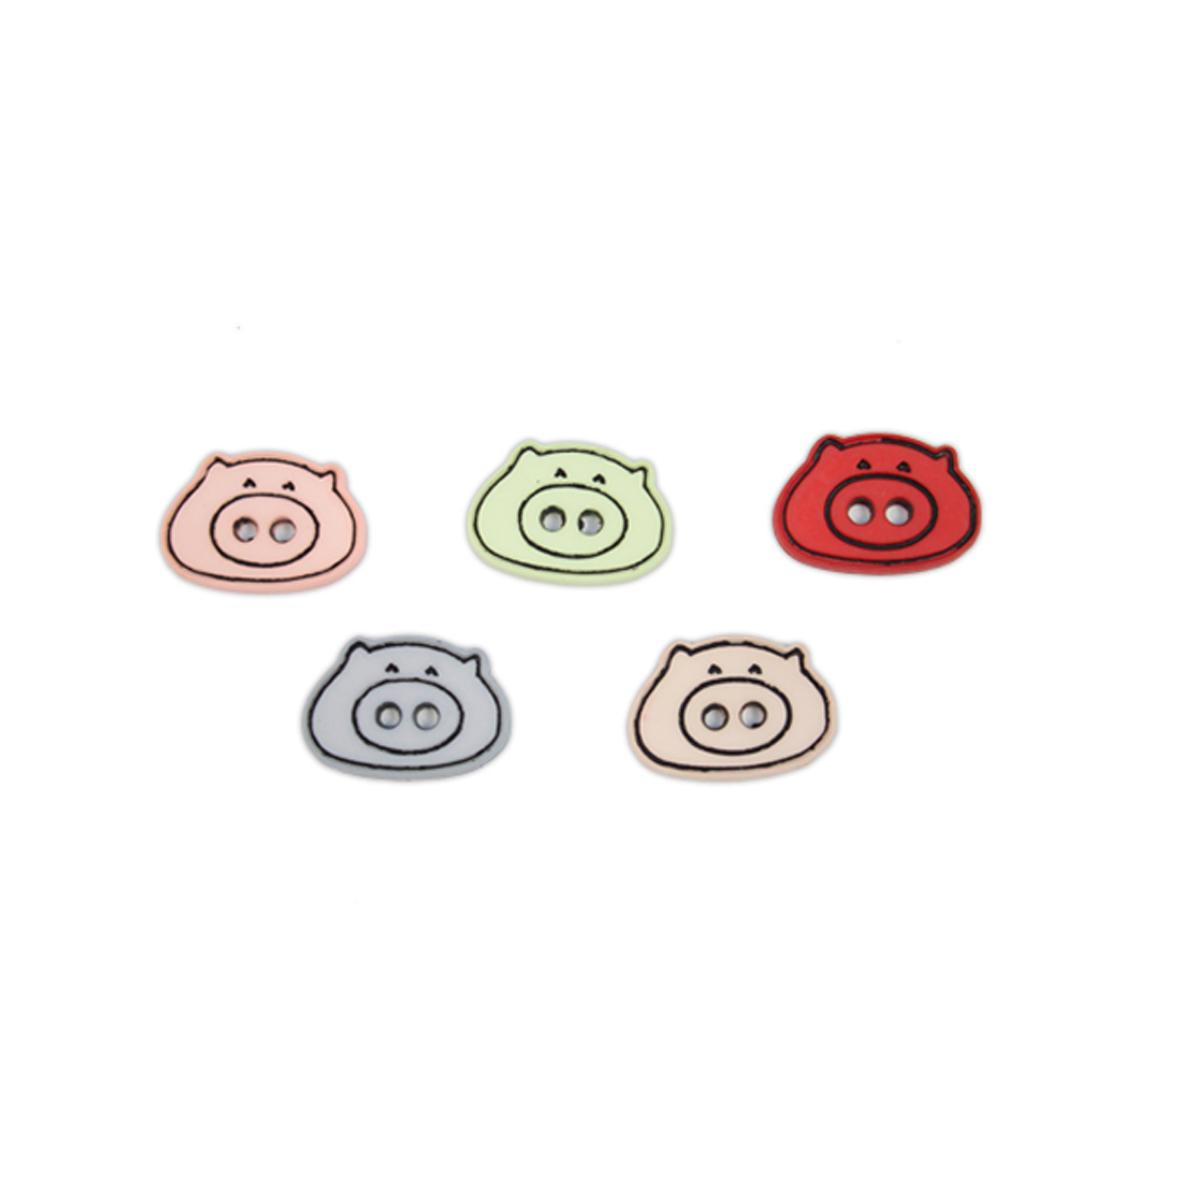 Пуговицы декоративные Magic Buttons Поросята, 5 шт7711119Яркие пуговицы бренда Magic Buttons восхищают разнообразием стилей и цветов. Они станут отличным дополнением в качестве завершающего штриха на одежде, кроме того их можно использовать в скрапбуинге, создавать с помощью них интересные открытки, подарочные конверты и многое, многое другое.